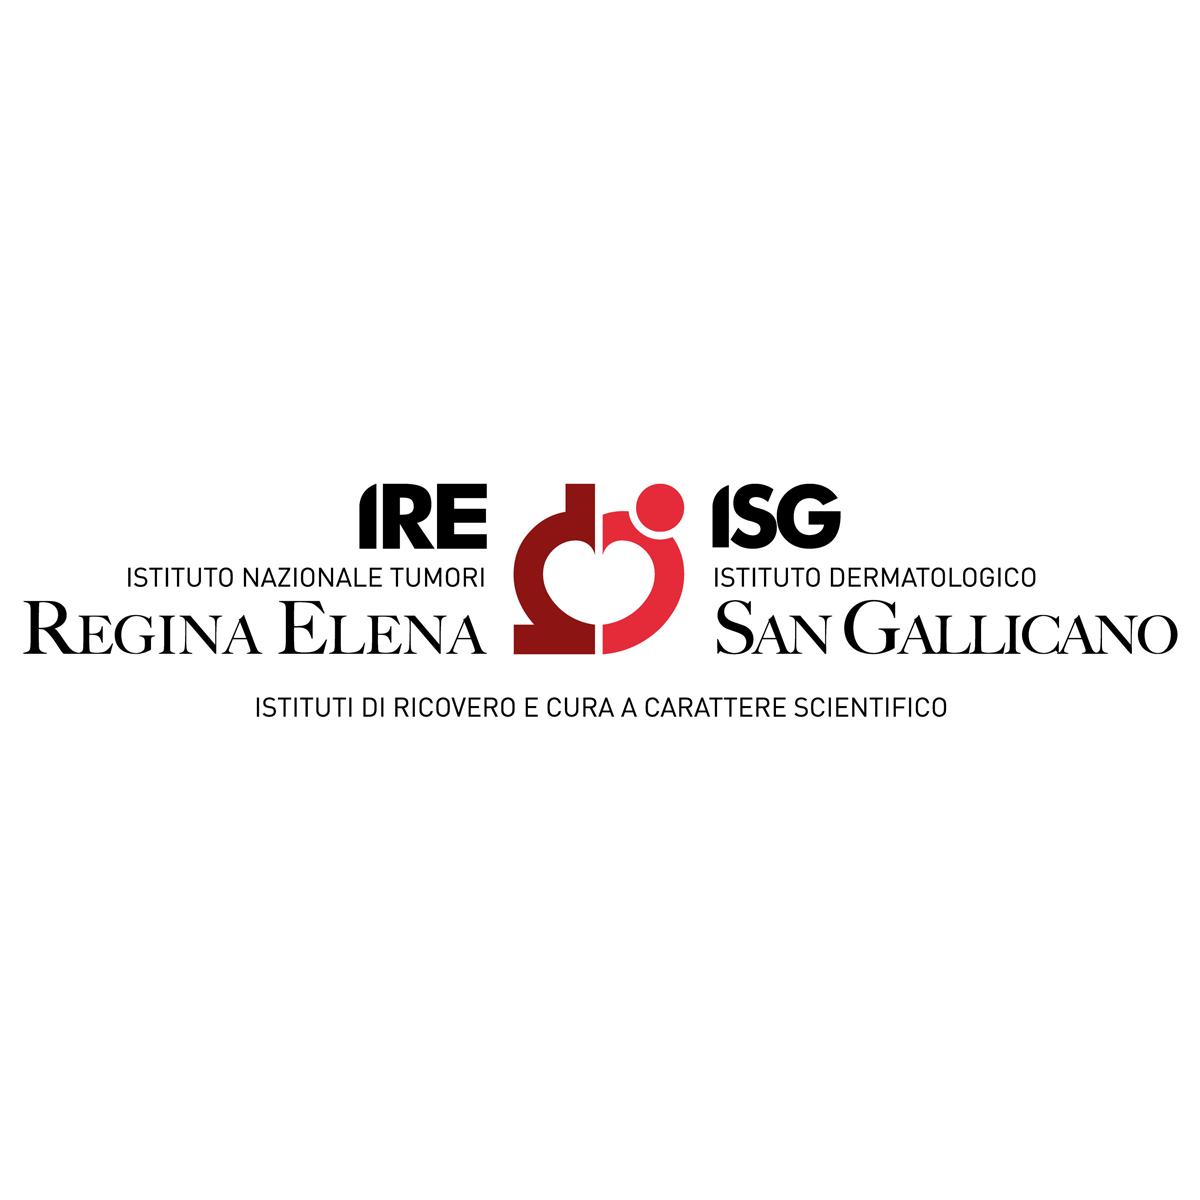 IRCCS - Istituto Nazionale Tumori Regina Elena e Istituto Dermatologico San Gallicano